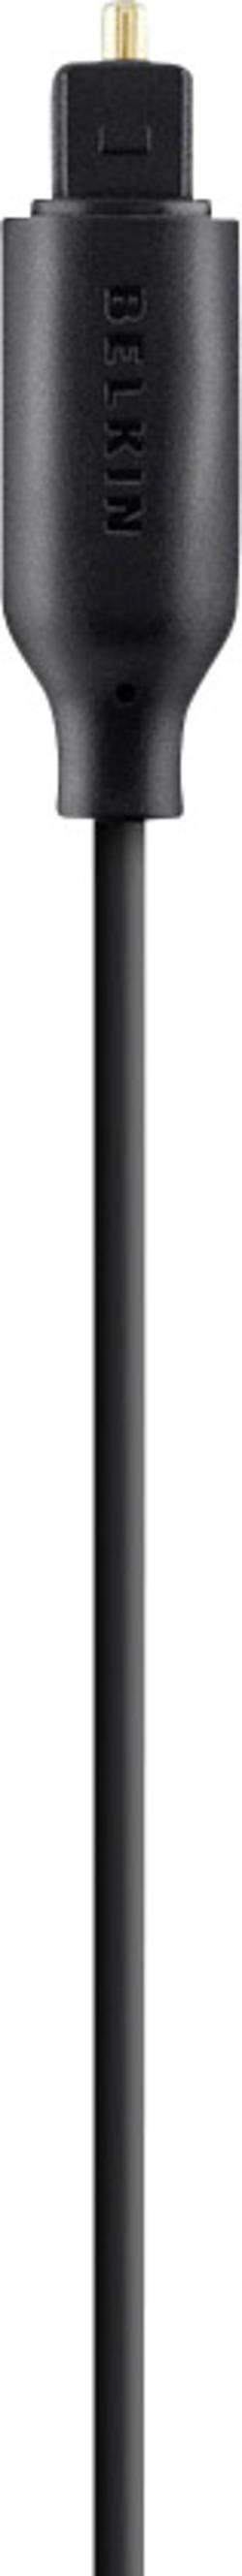 Câble de raccordement Belkin F3Y093bt1M [1x Toslink mâle (ODT) - 1x Toslink mâle (ODT)] 1 m noir contacts dorés